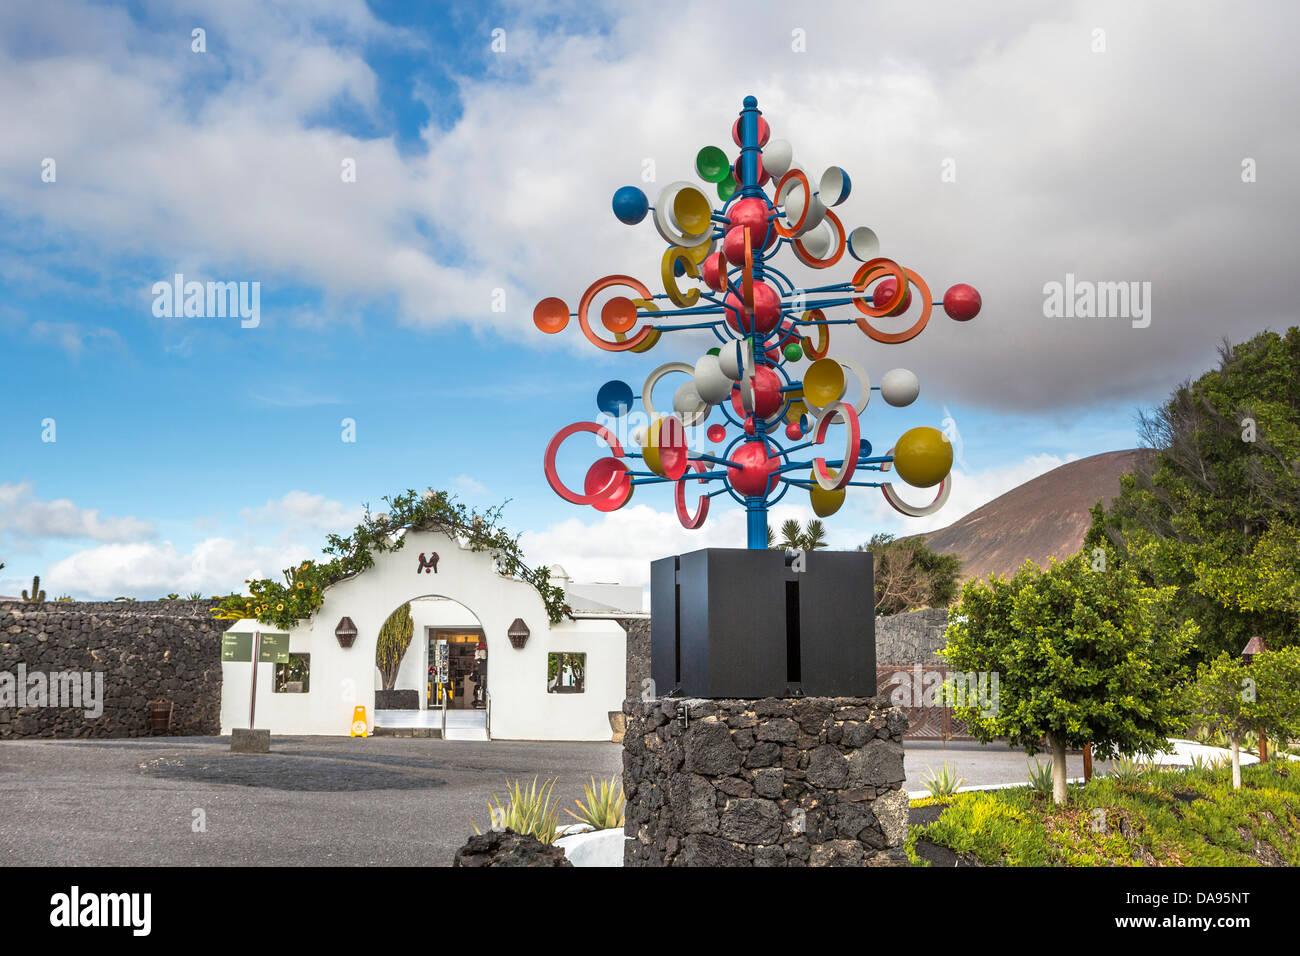 Spanien, Europa, Kanarische Inseln, Stiftung, Lanzarote, Architektur, Kunst, Künstler, Cesar Manrique, bunt, Stockbild